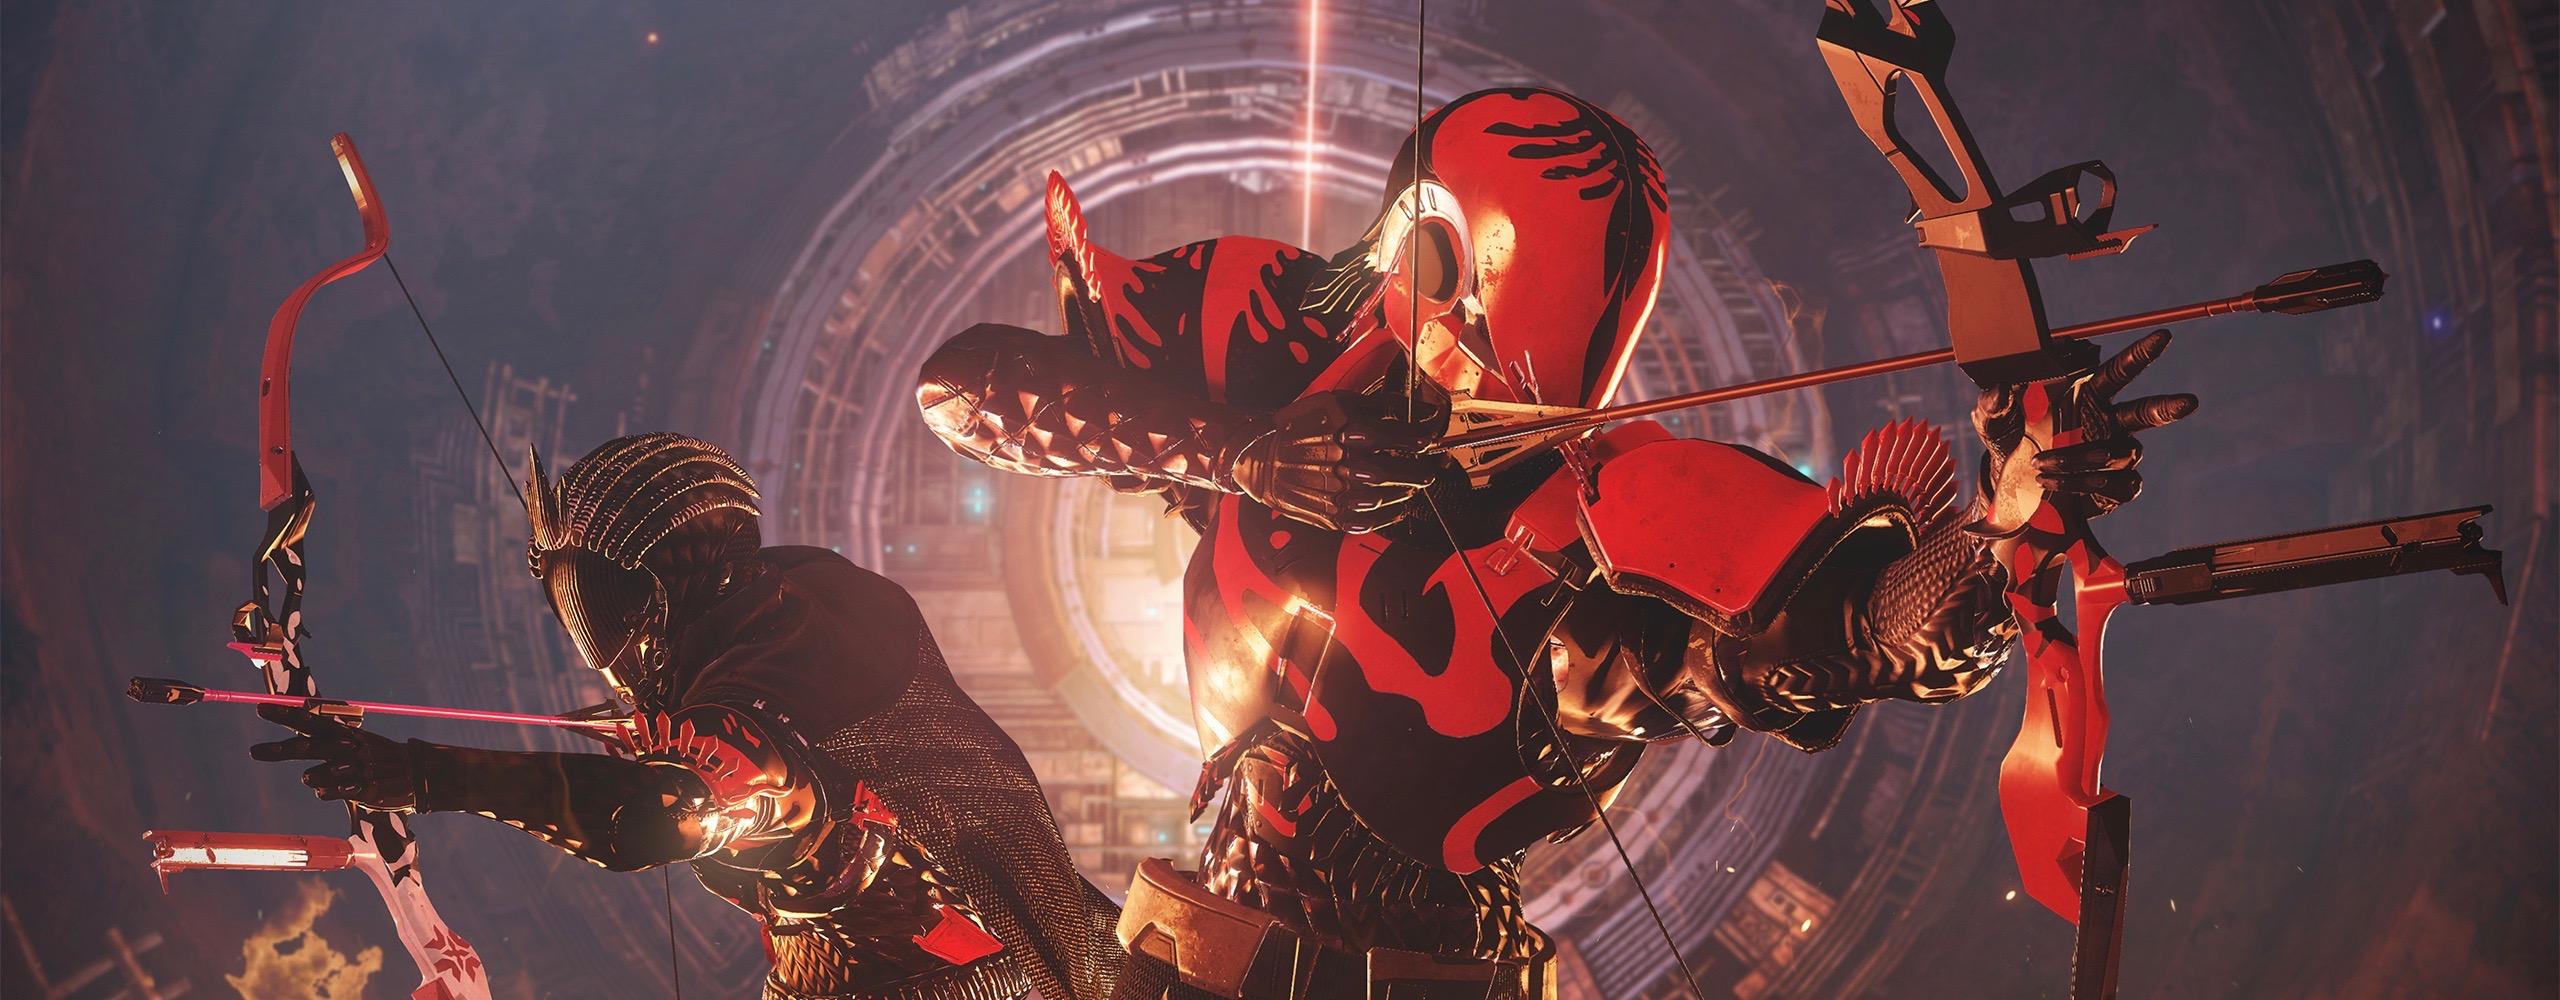 Das Beste an der Scharlach-Woche in Destiny 2 ist dieser miese Bogen